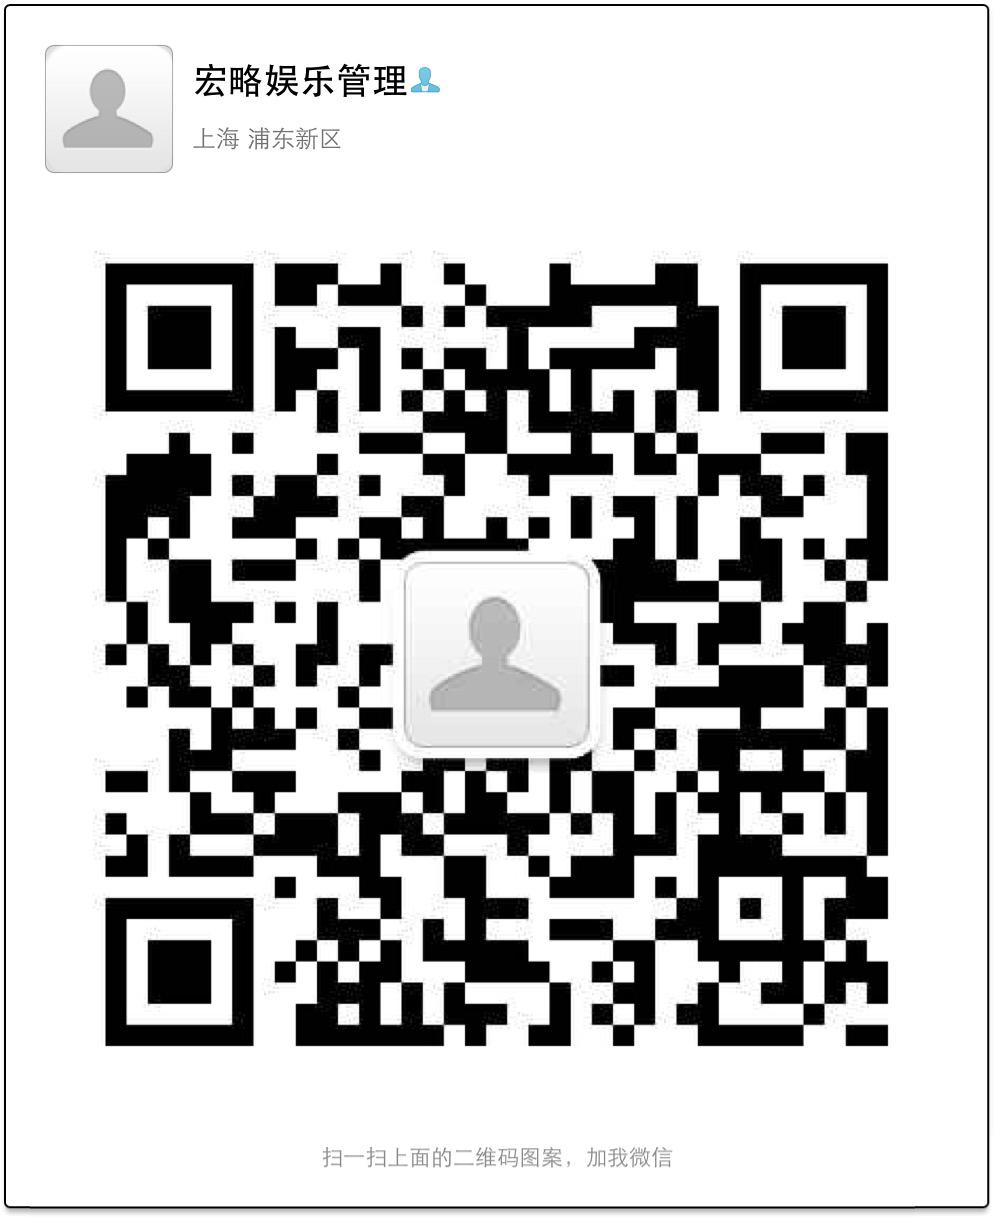 06b039da2b8dce9b787ac87c233b15ce.jpg